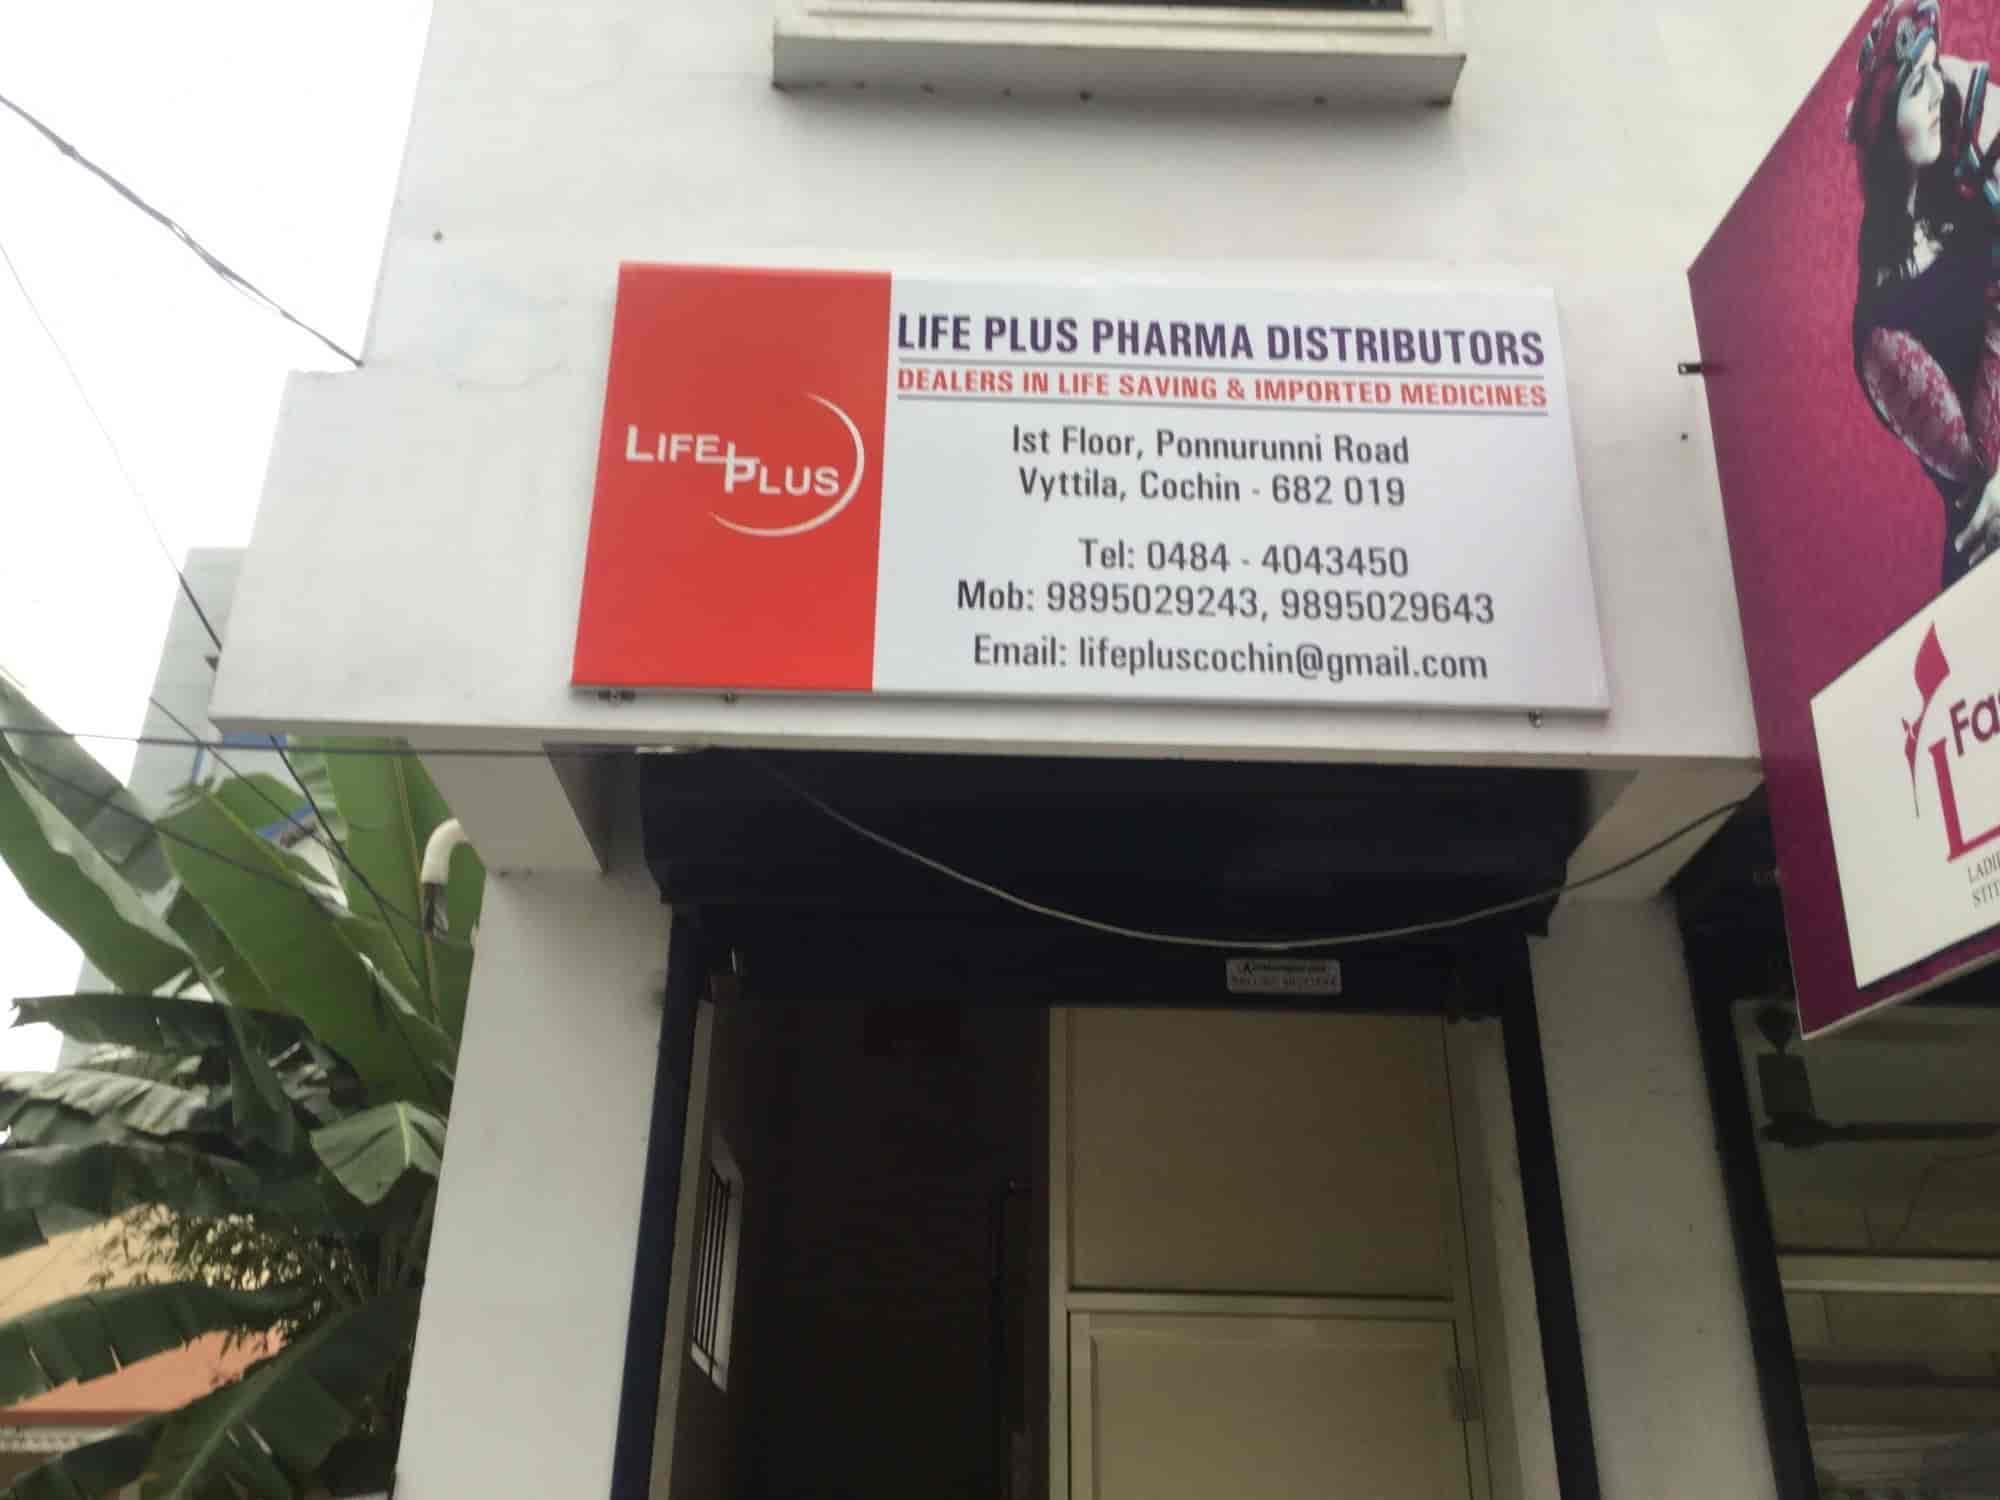 dadha pharma - Hizir kaptanband co